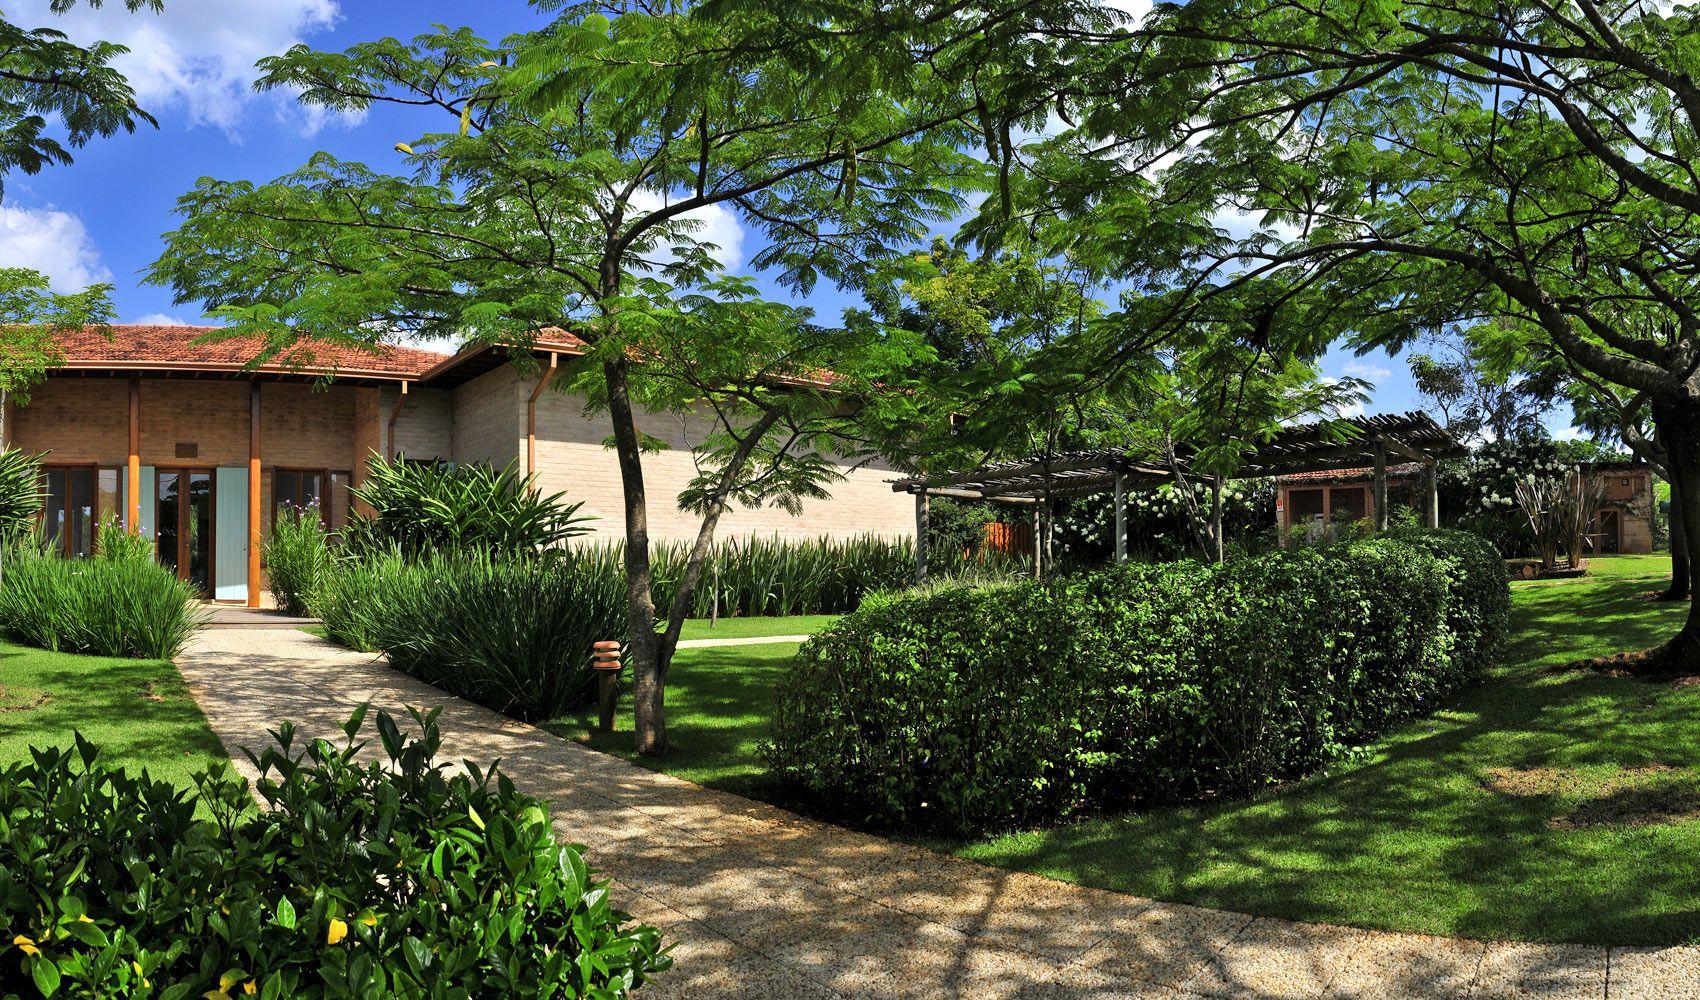 Dise o de exteriores jardines modernos y tropicales - Fotos de jardines ...